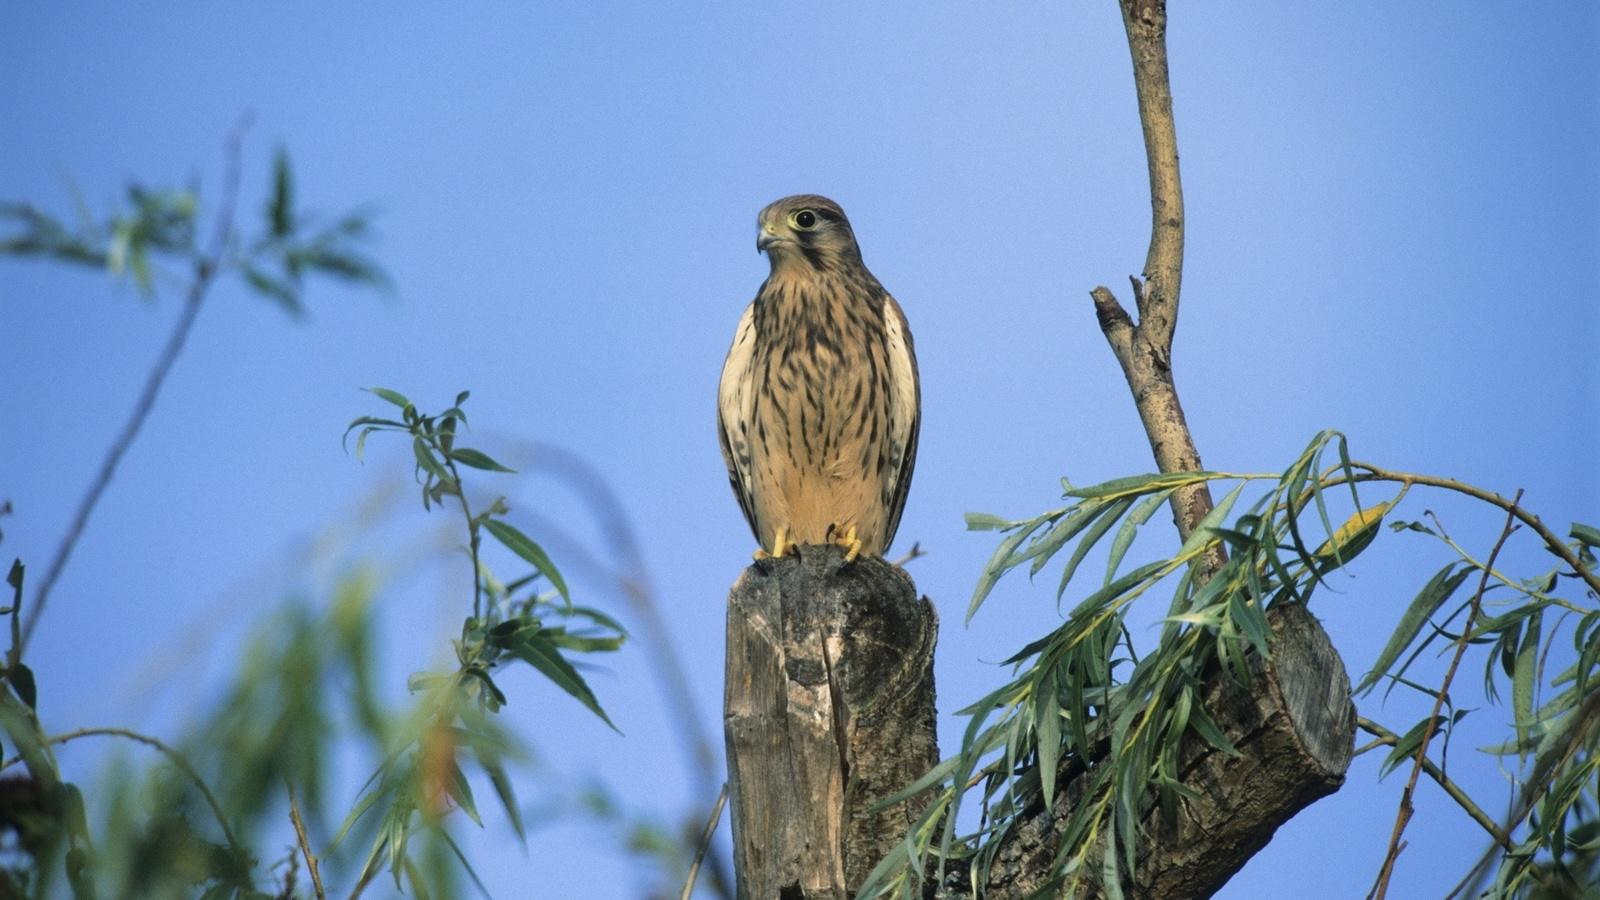 дерево, веточка, охотничья птица